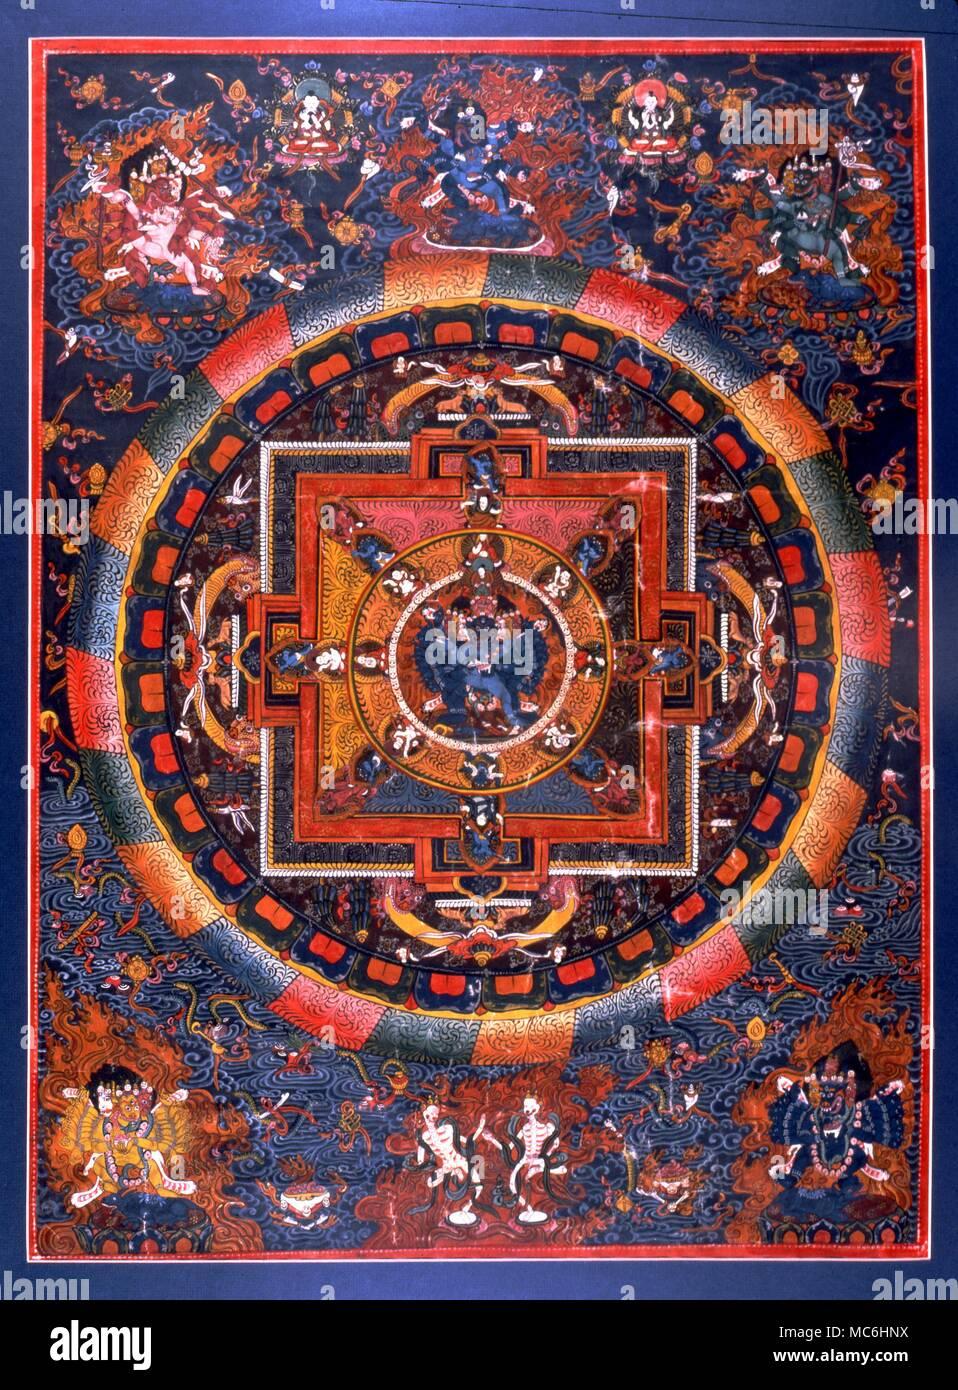 Un indiano Tanka o Mandala con i quattro guardiani dello spazio e demoni di origine Vedica. Immagini Stock